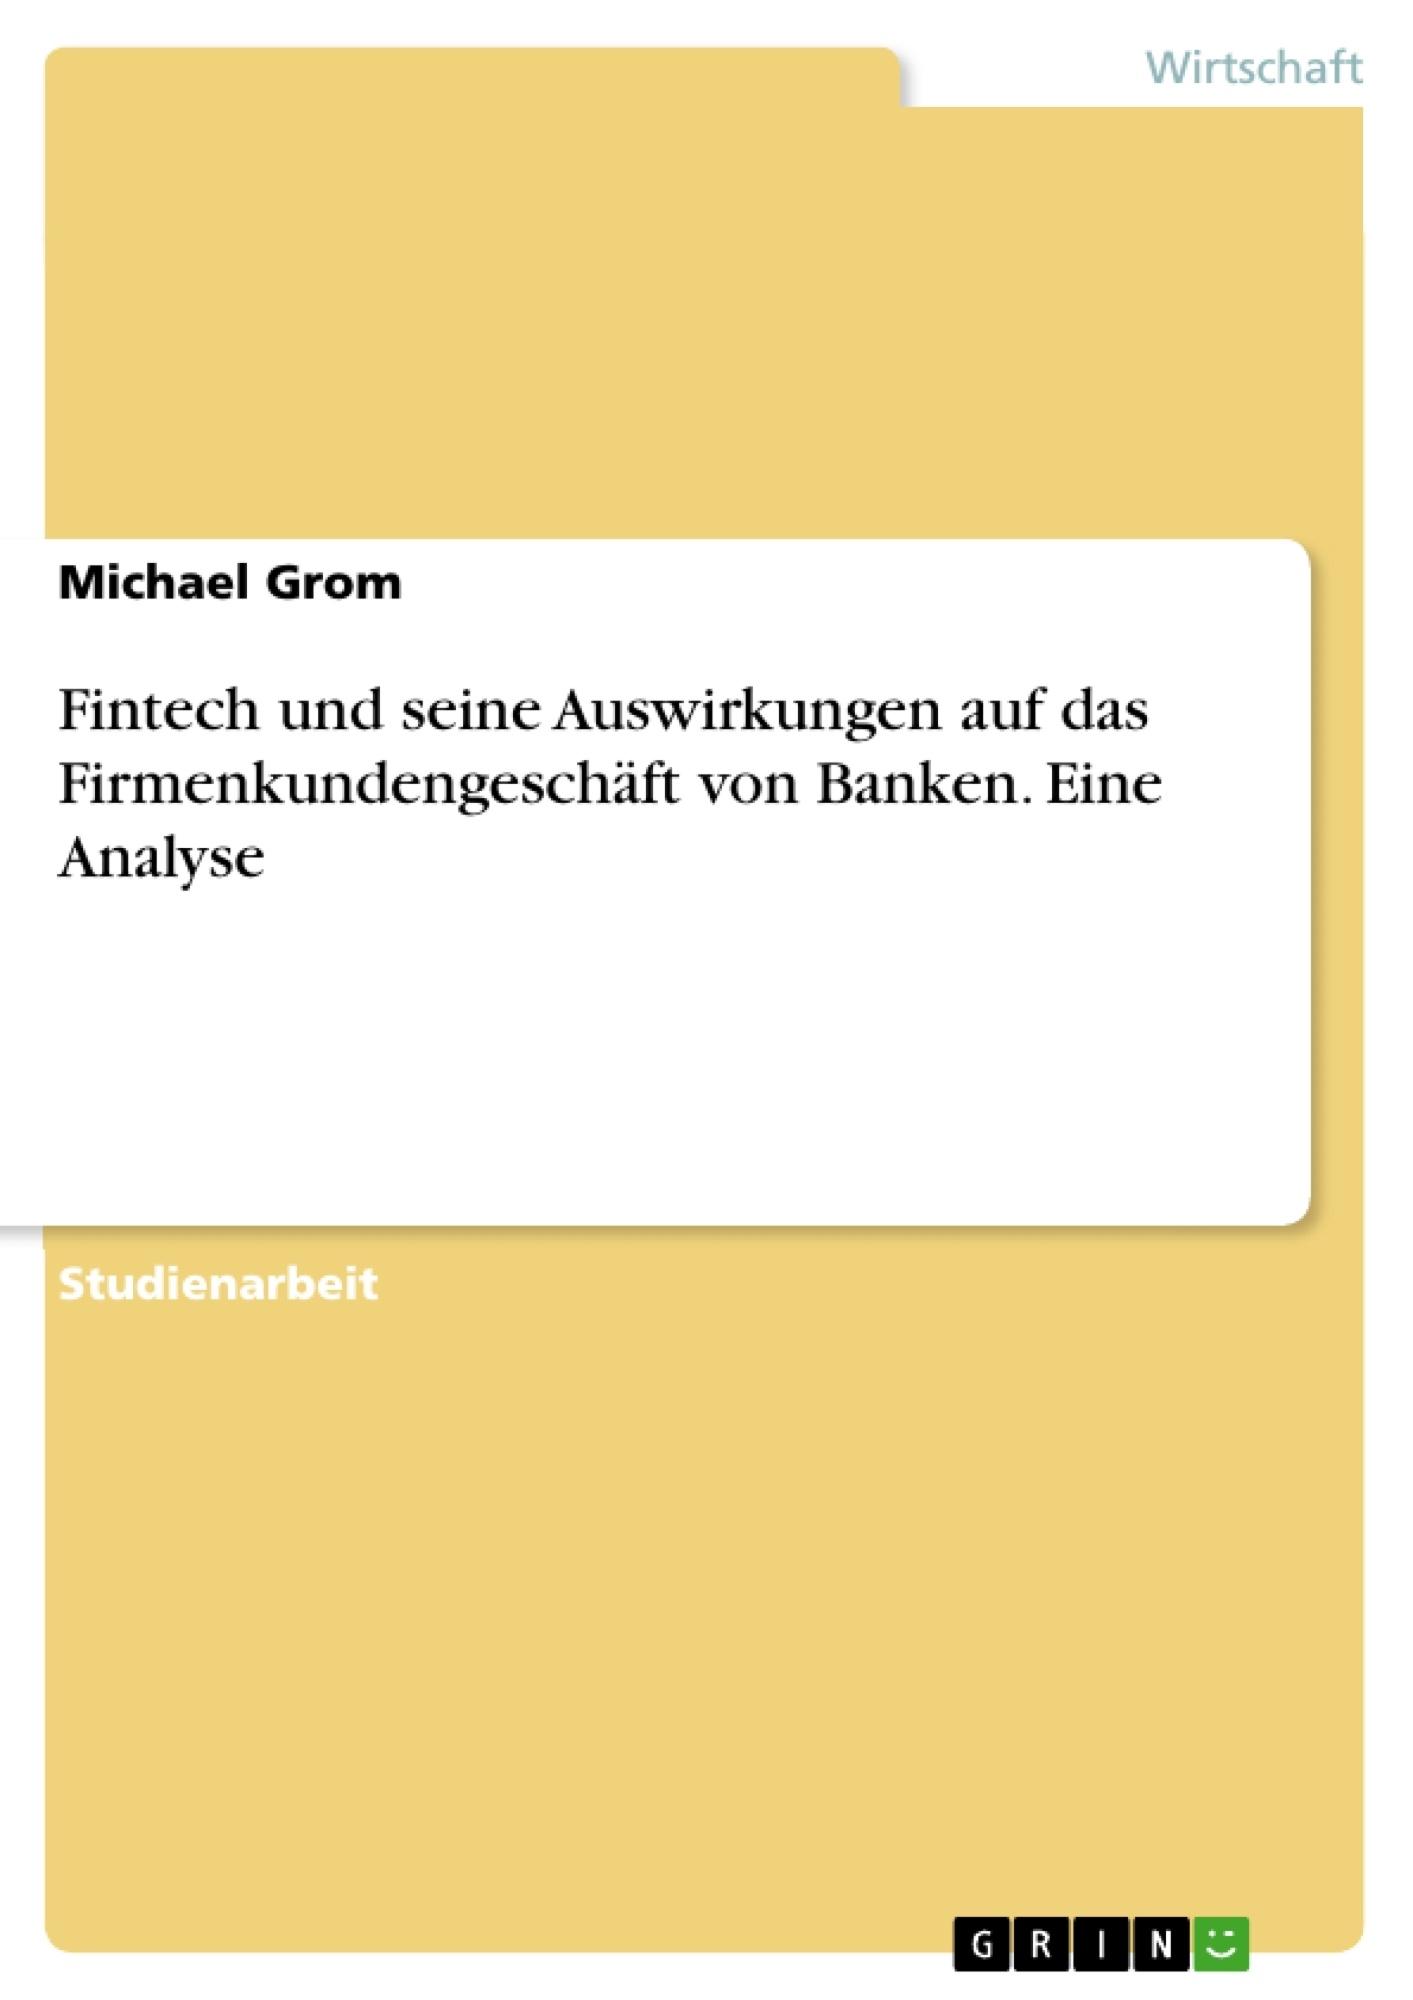 Titel: Fintech und seine Auswirkungen auf das Firmenkundengeschäft von Banken. Eine Analyse